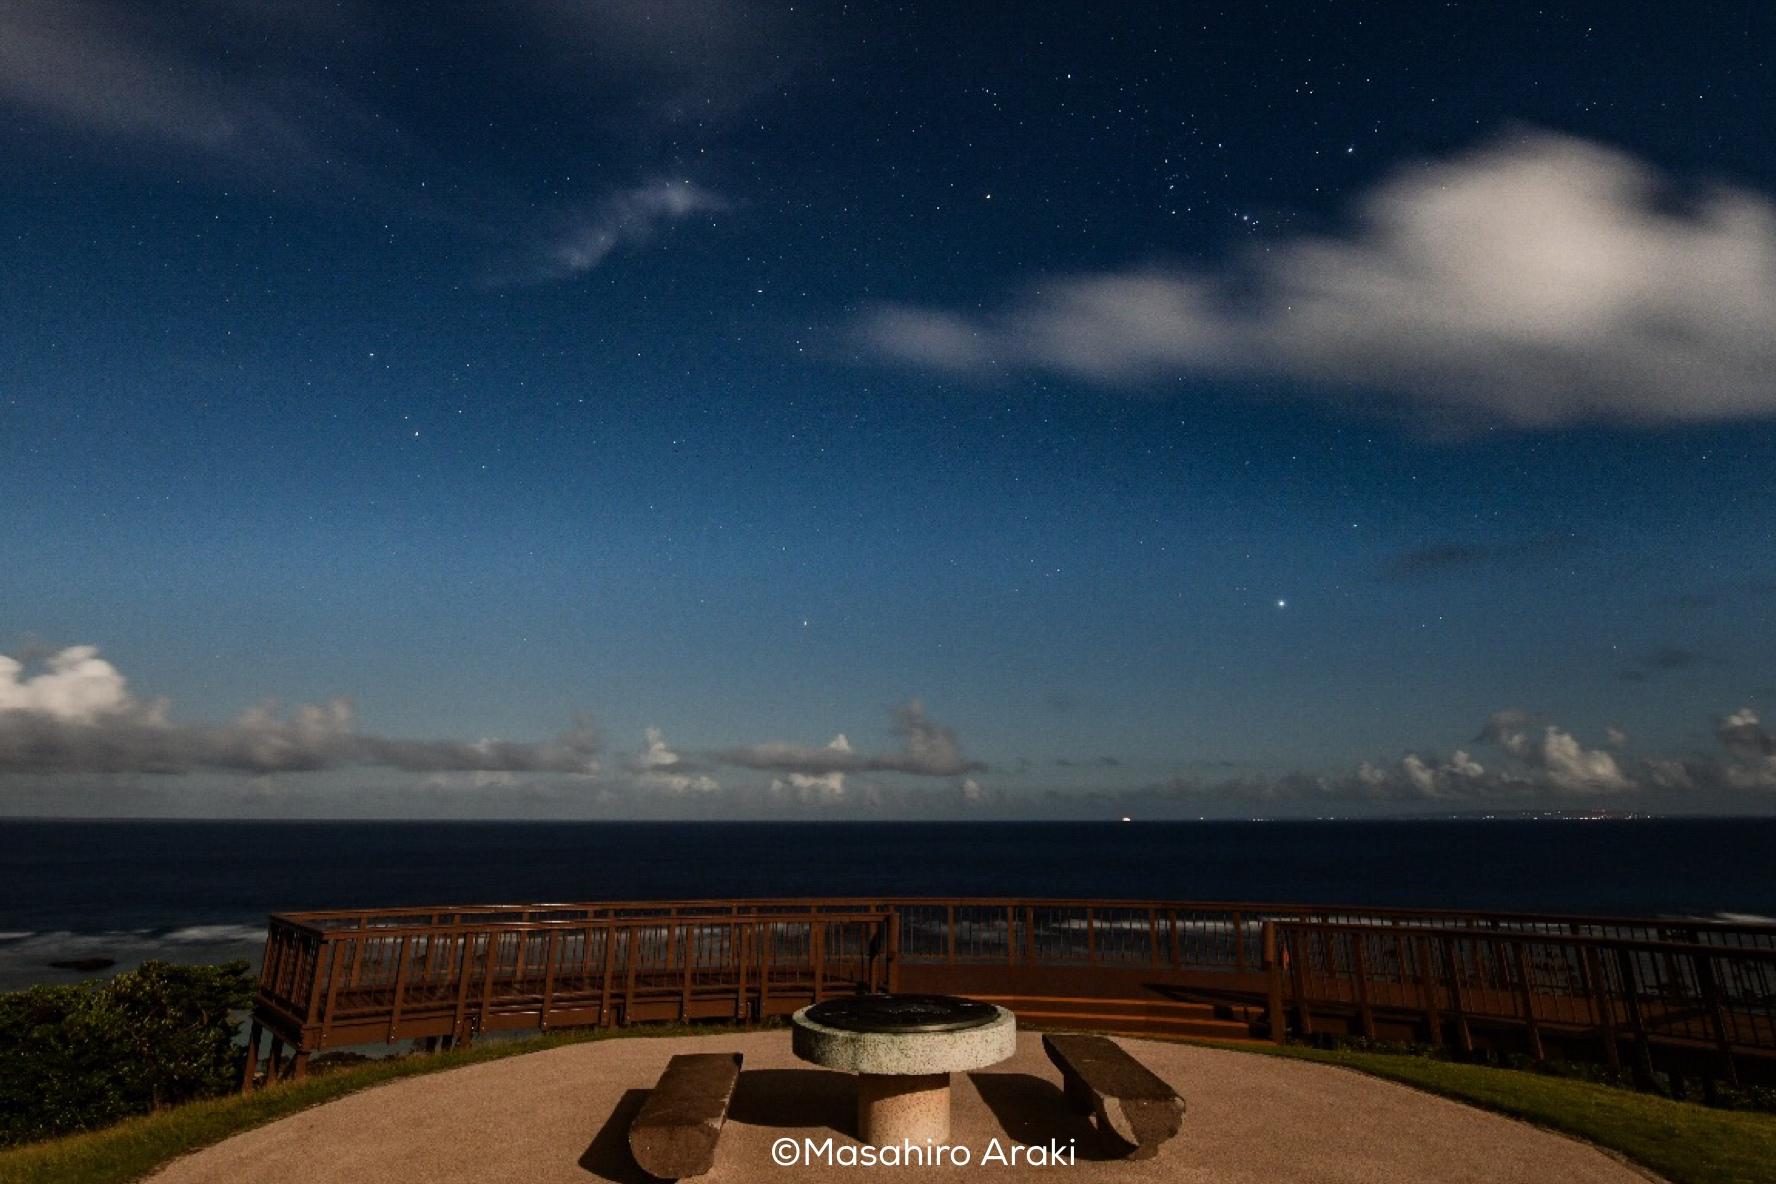 あやまる岬観光公園展望デッキから見える星空の写真001_07 のコピー